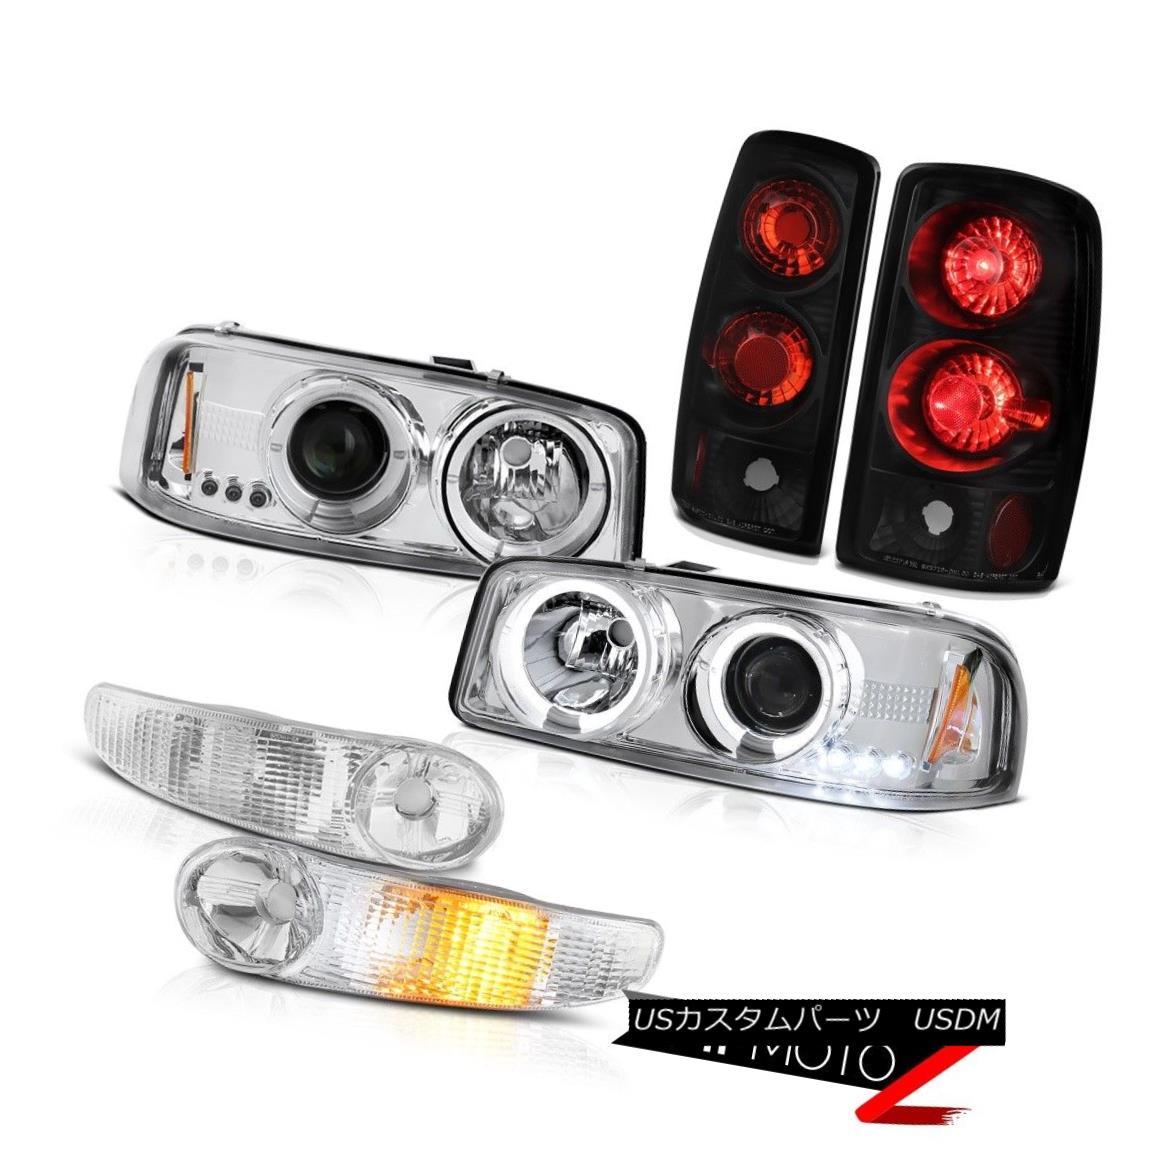 テールライト Headlights Halo DRL LED Euro Parking Rear Black Taillights 2000-2006 Yukon 6.0L ヘッドライトHalo DRL LEDユーロパーキングリアブラックテイルライト2000-2006ユーコン6.0L